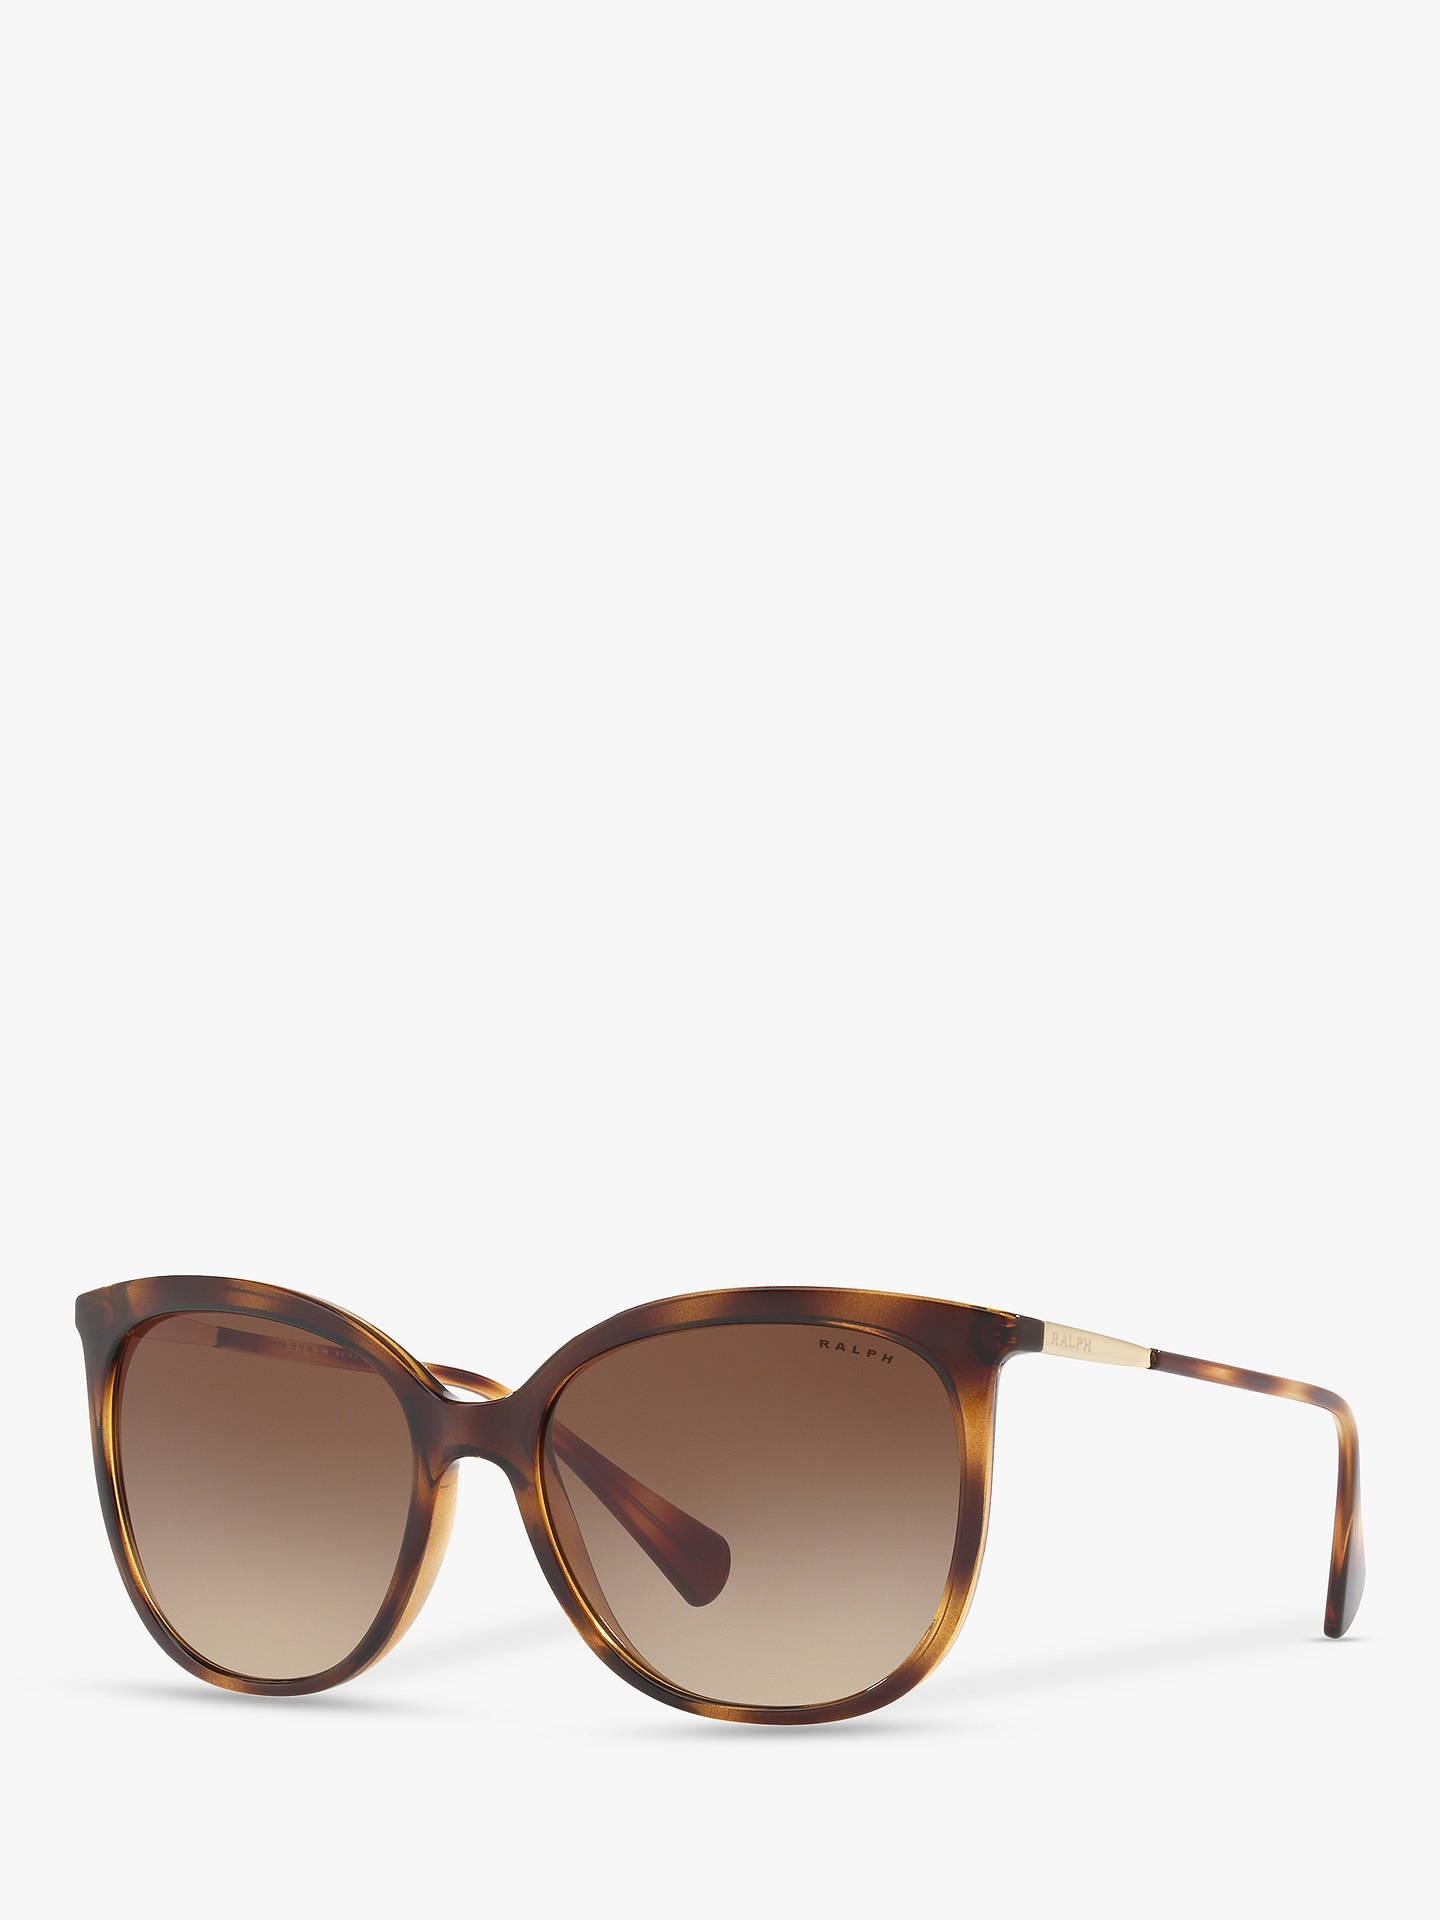 5a4238c6b0 BuyPolo Ralph Lauren RA5248 Women s Butterfly Sunglasses